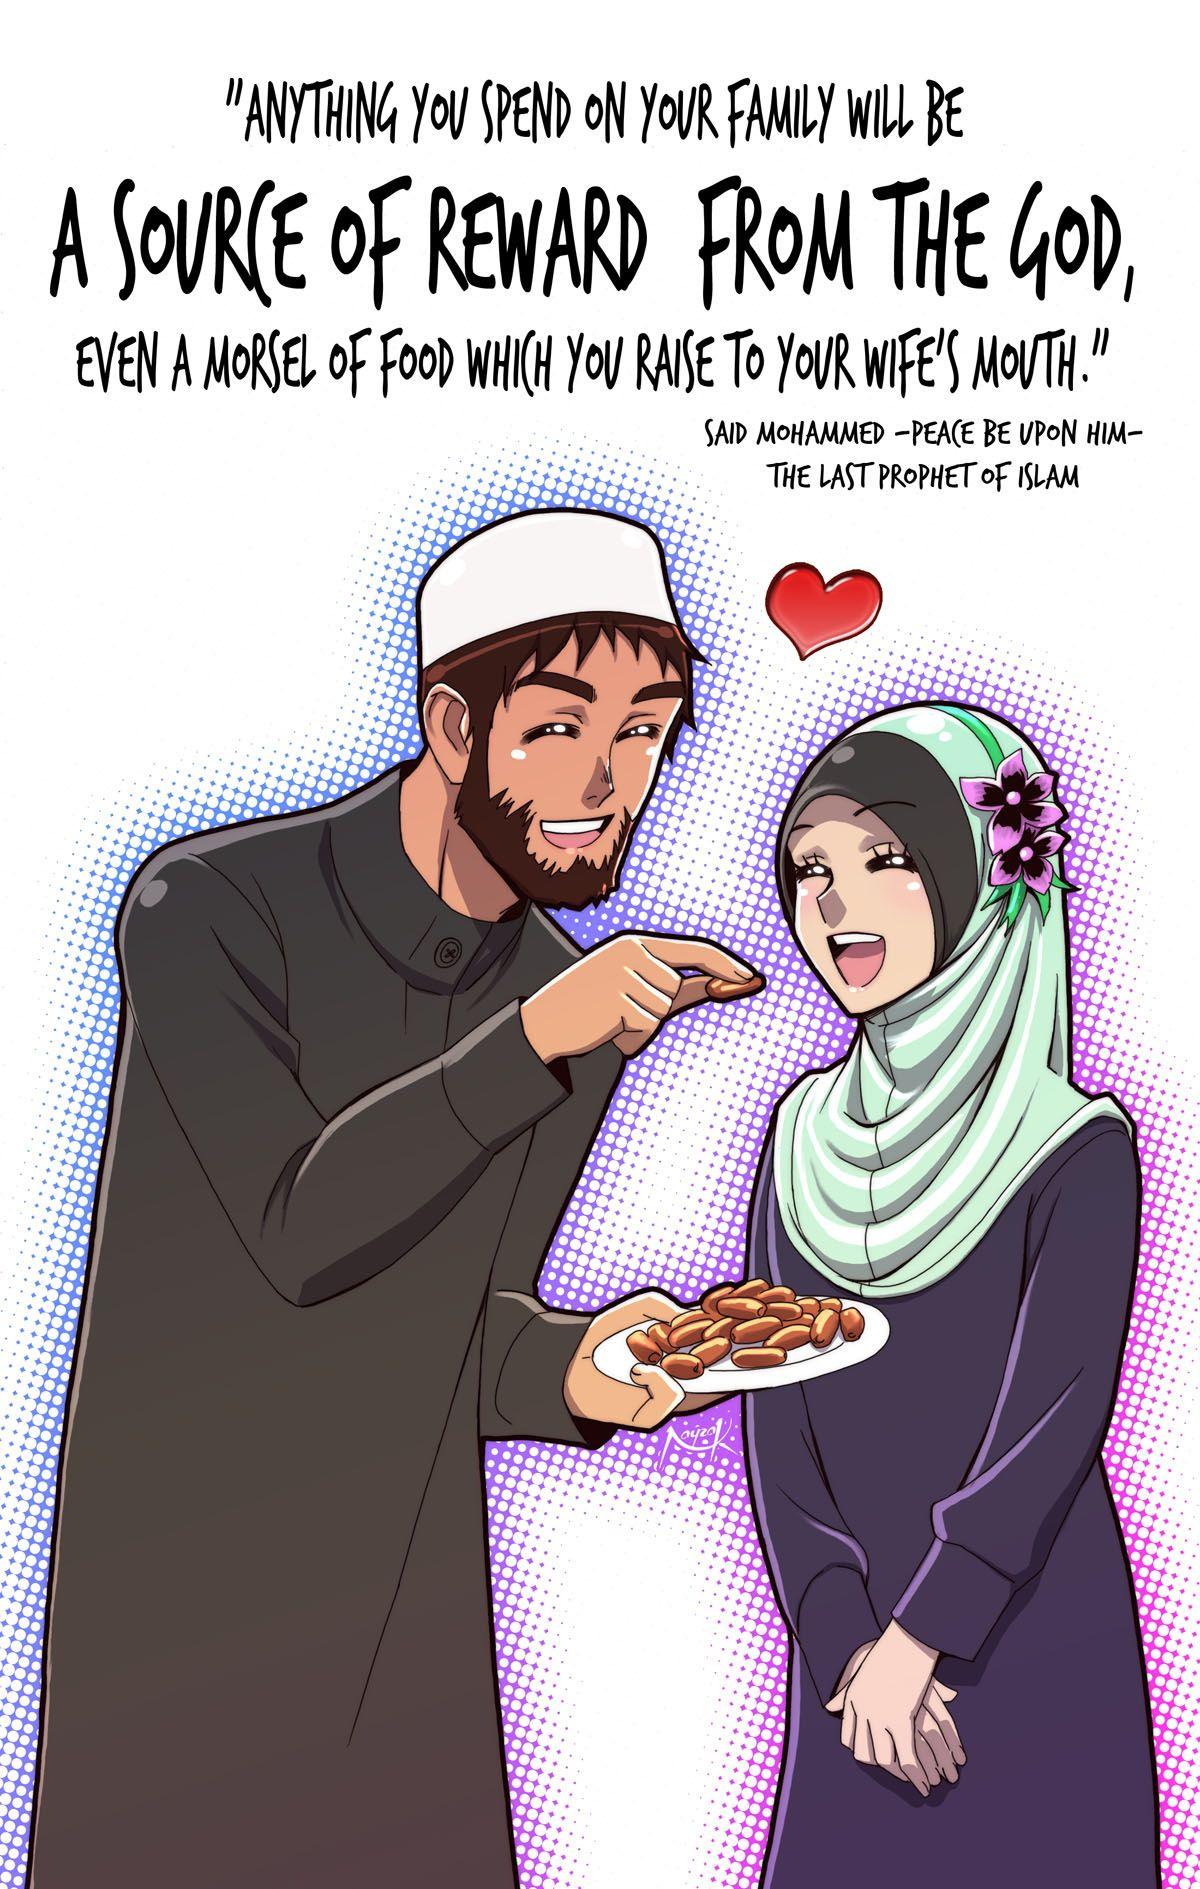 Картинки мусульманские с надписями про мужа и жену, школьную тематику